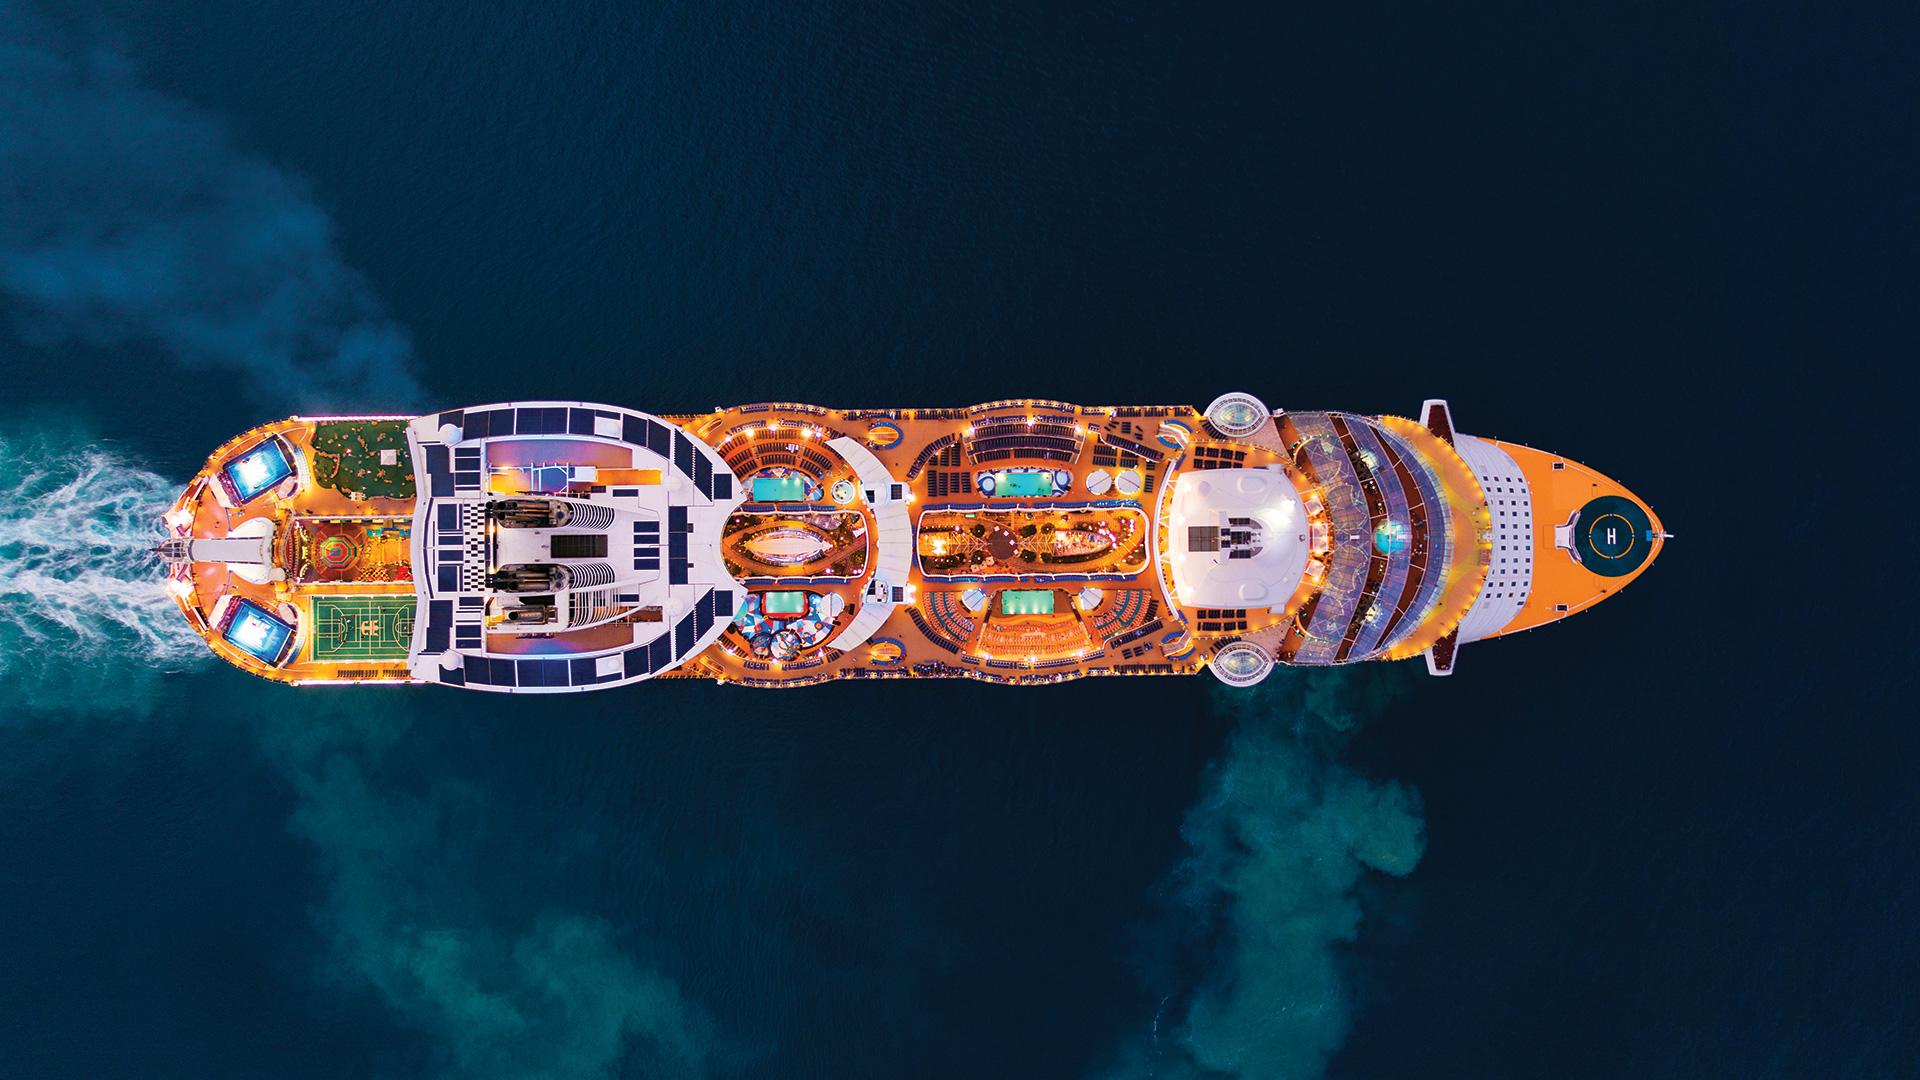 Otroliga Allure of the Seas tar dig till Karibien - Från familjevänliga Ft. Lauderdale reser du under sju nätter i sagolikt vackra västra Karibien. Under resan njuter du av en innehållsrik kryssning med Allure of the Seas och njuter av stränderna i Costa Maya, Nassau med flera. Pris från 8 562 kronor per person.